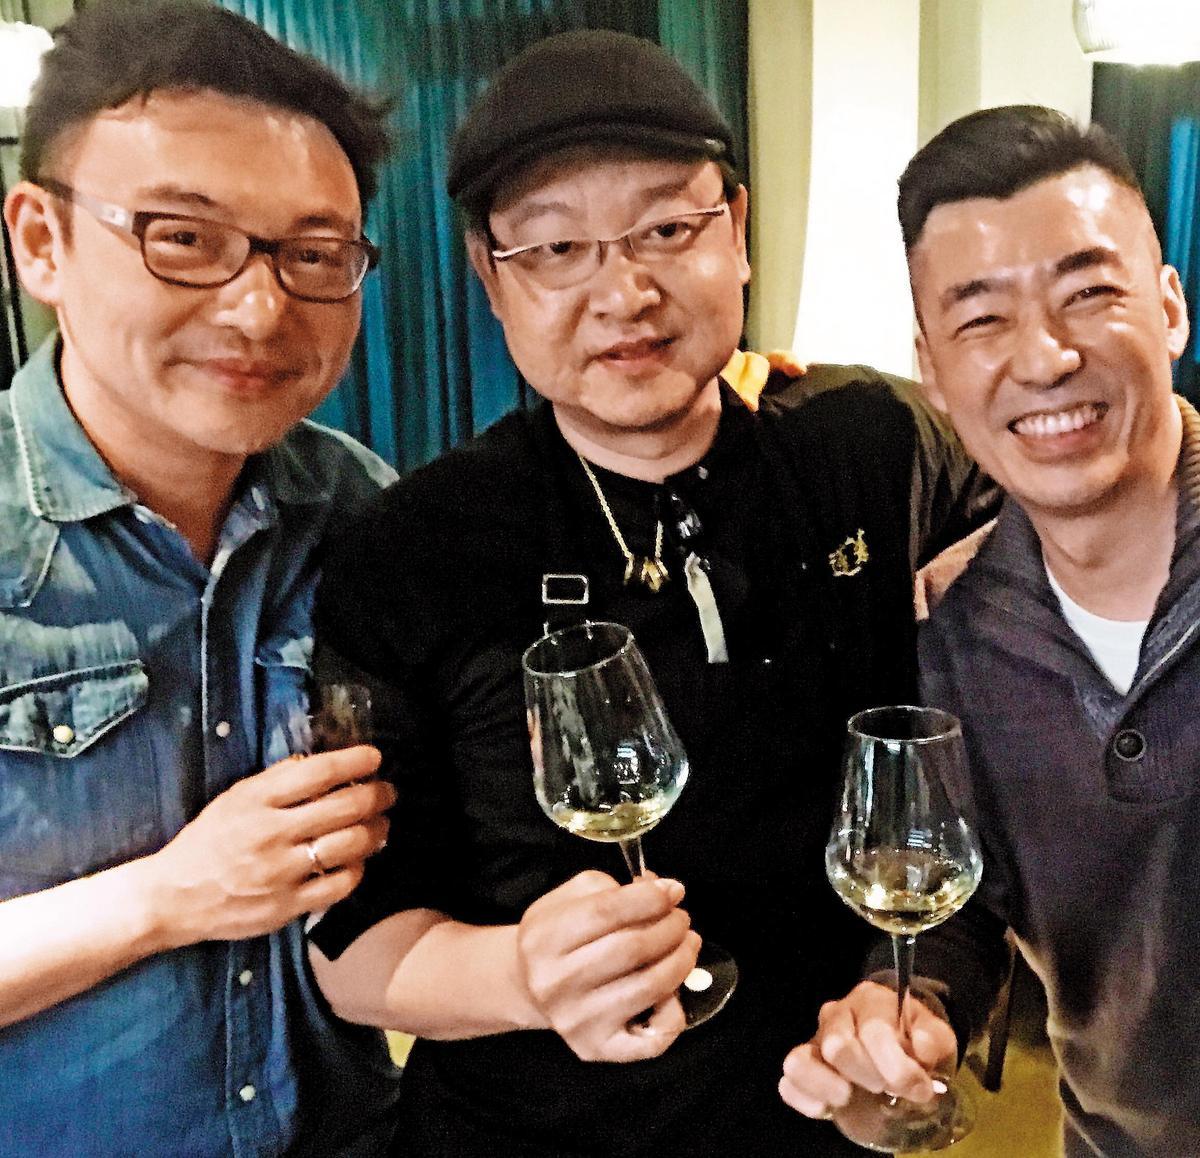 當天黑龍頂級餐酒宴的3位關鍵推手,素晴屋的老闆Lance(左起)、金蓬萊的老闆兼大廚陳博璿,以及台灣清酒界無人不知的歐子豪老師。